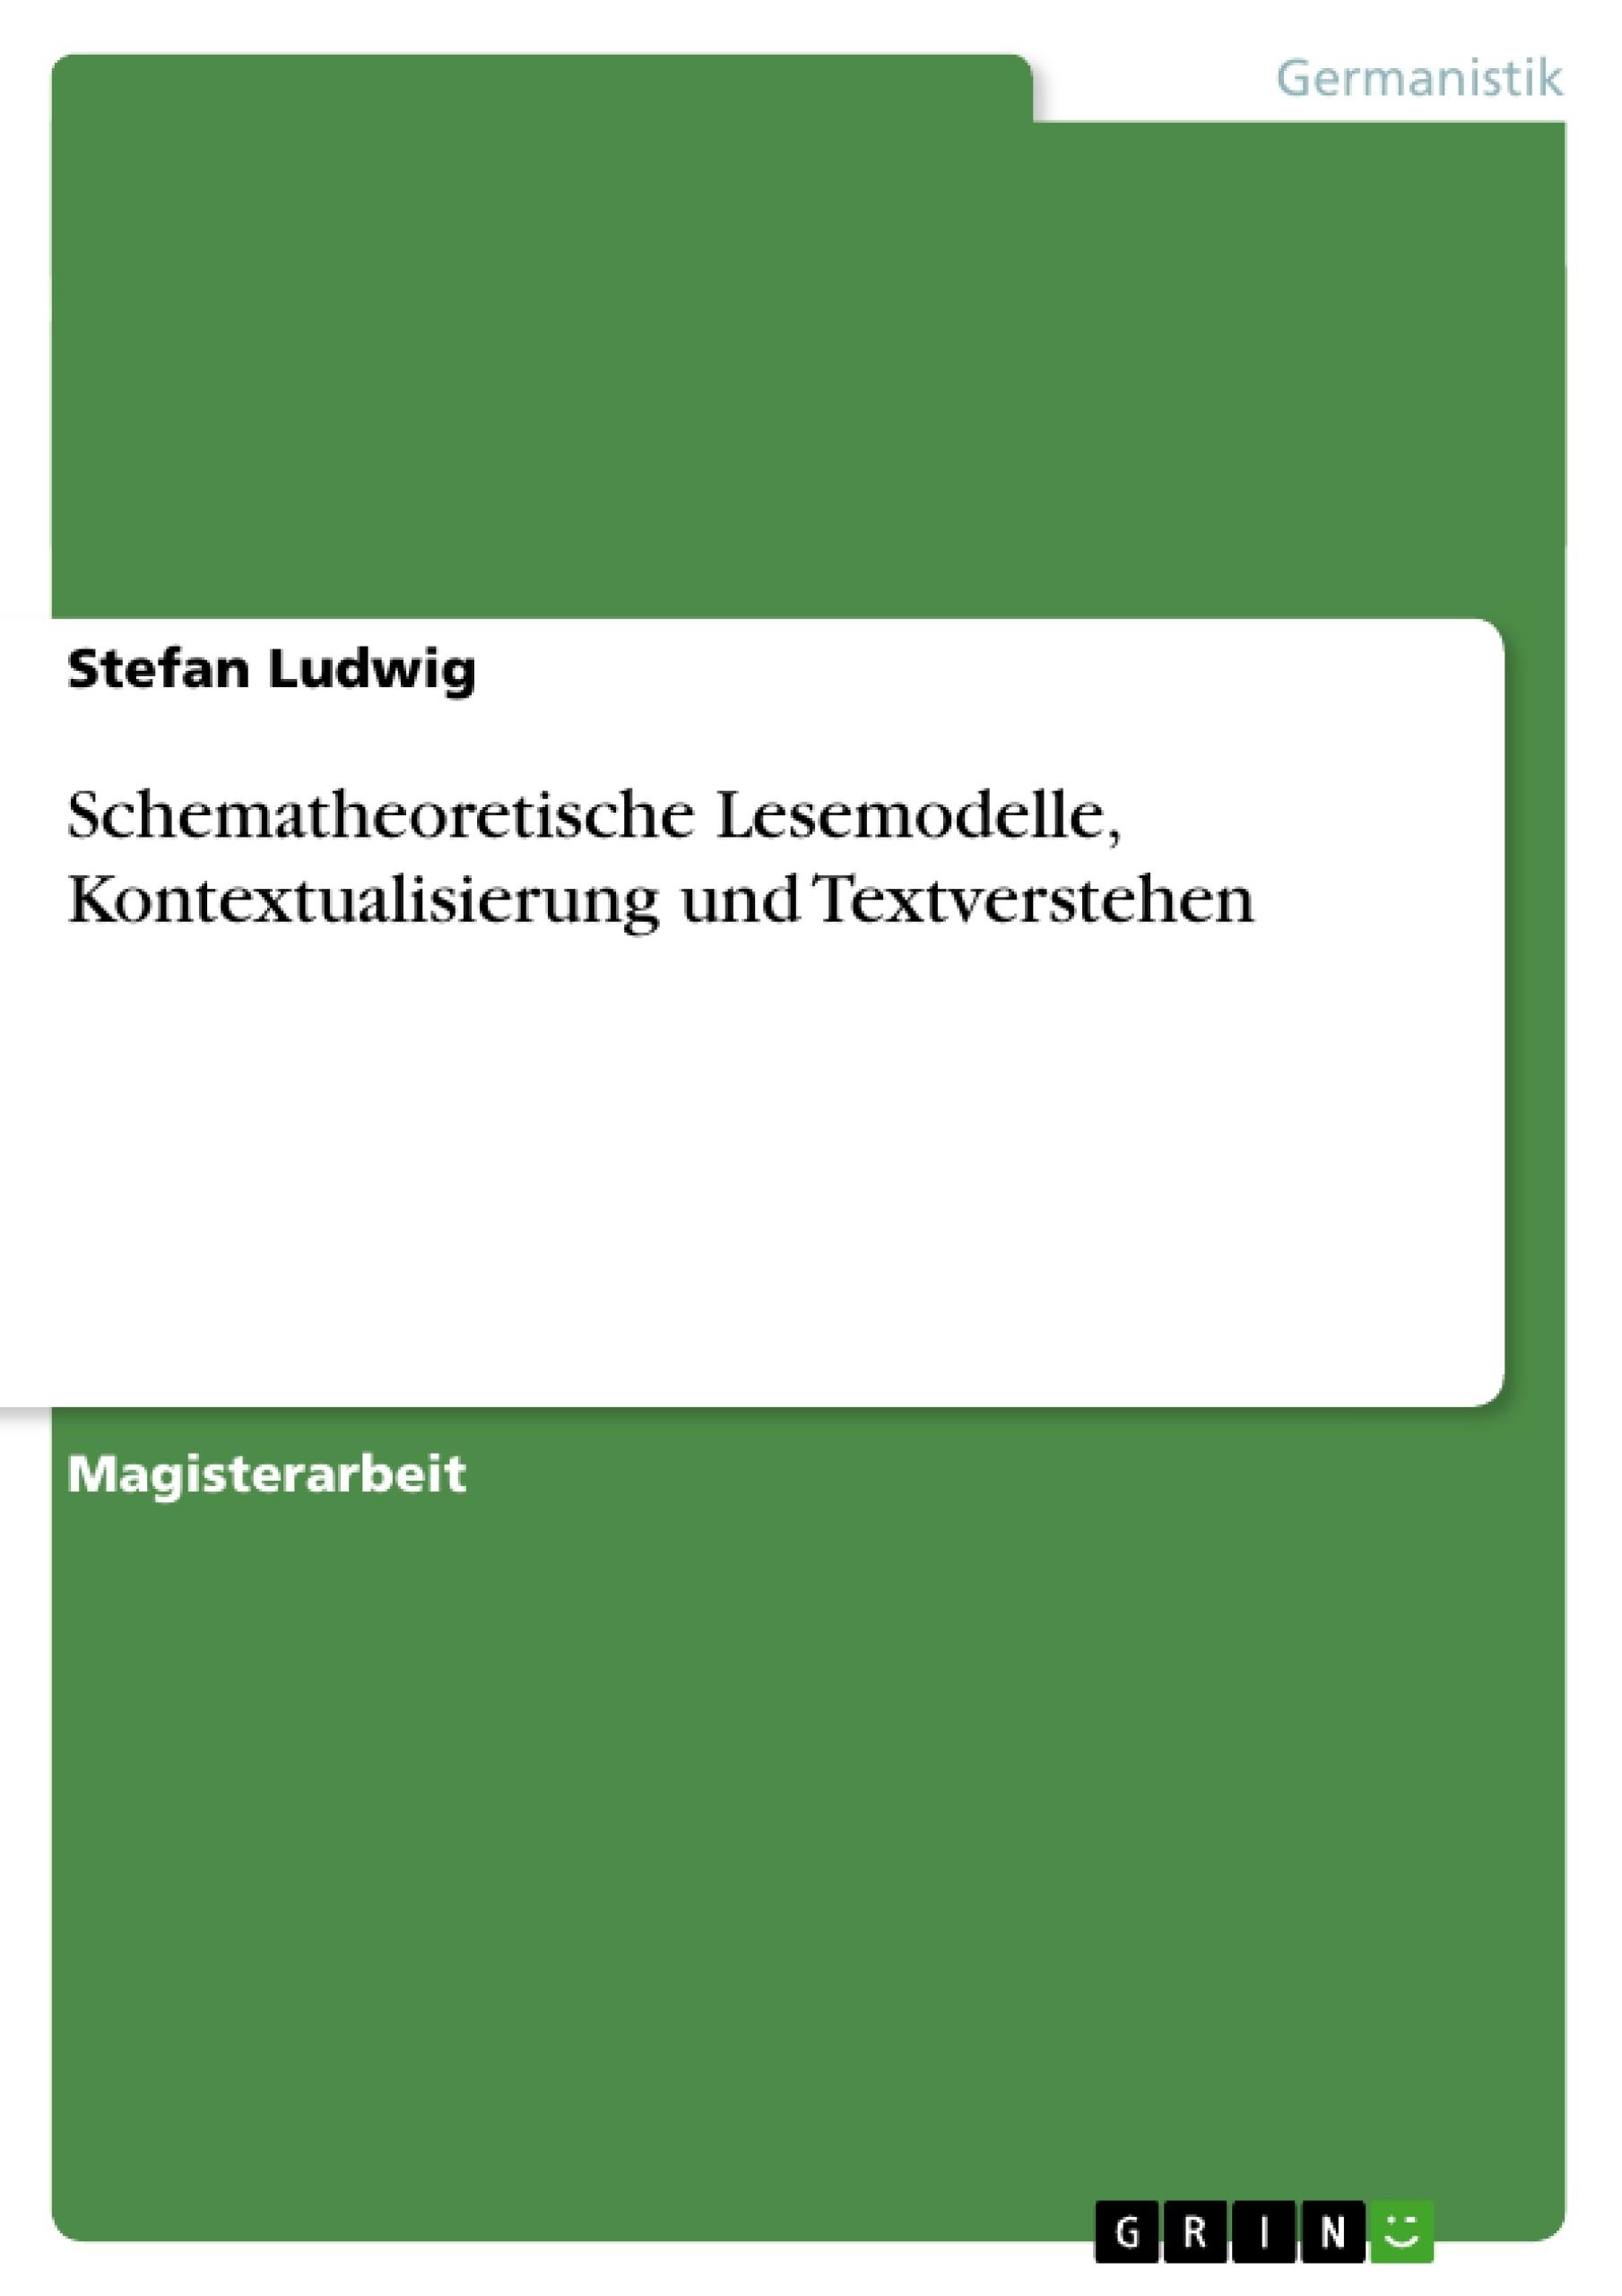 Titel: Schematheoretische Lesemodelle, Kontextualisierung und Textverstehen